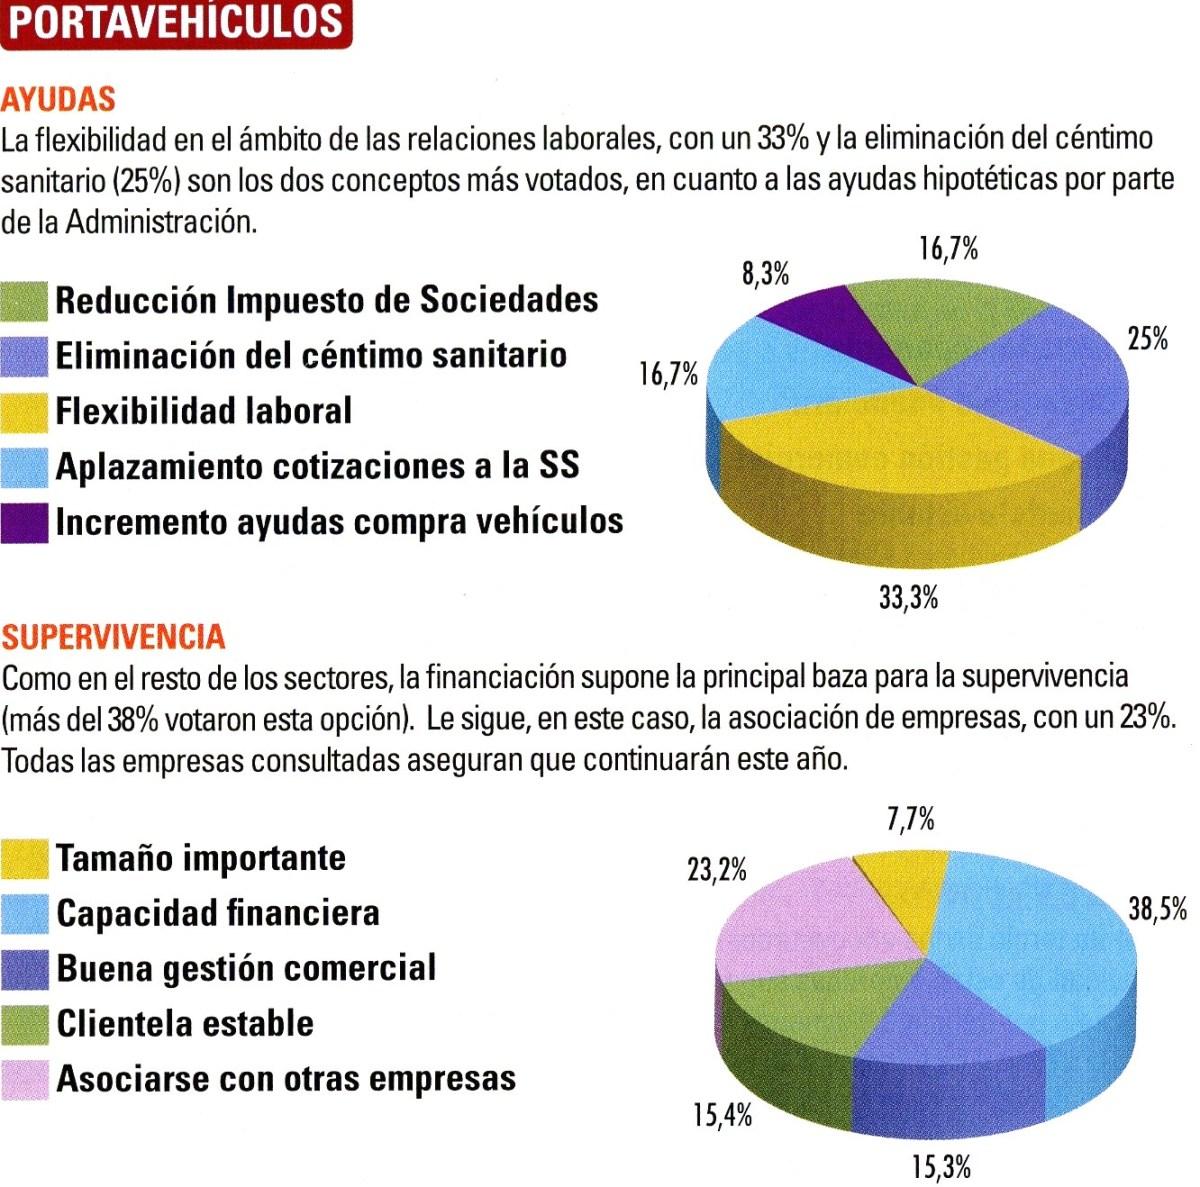 RADIOGRAFÍA DEL SECTOR PORTAVEHÍCULOS EJERCICIO 2010